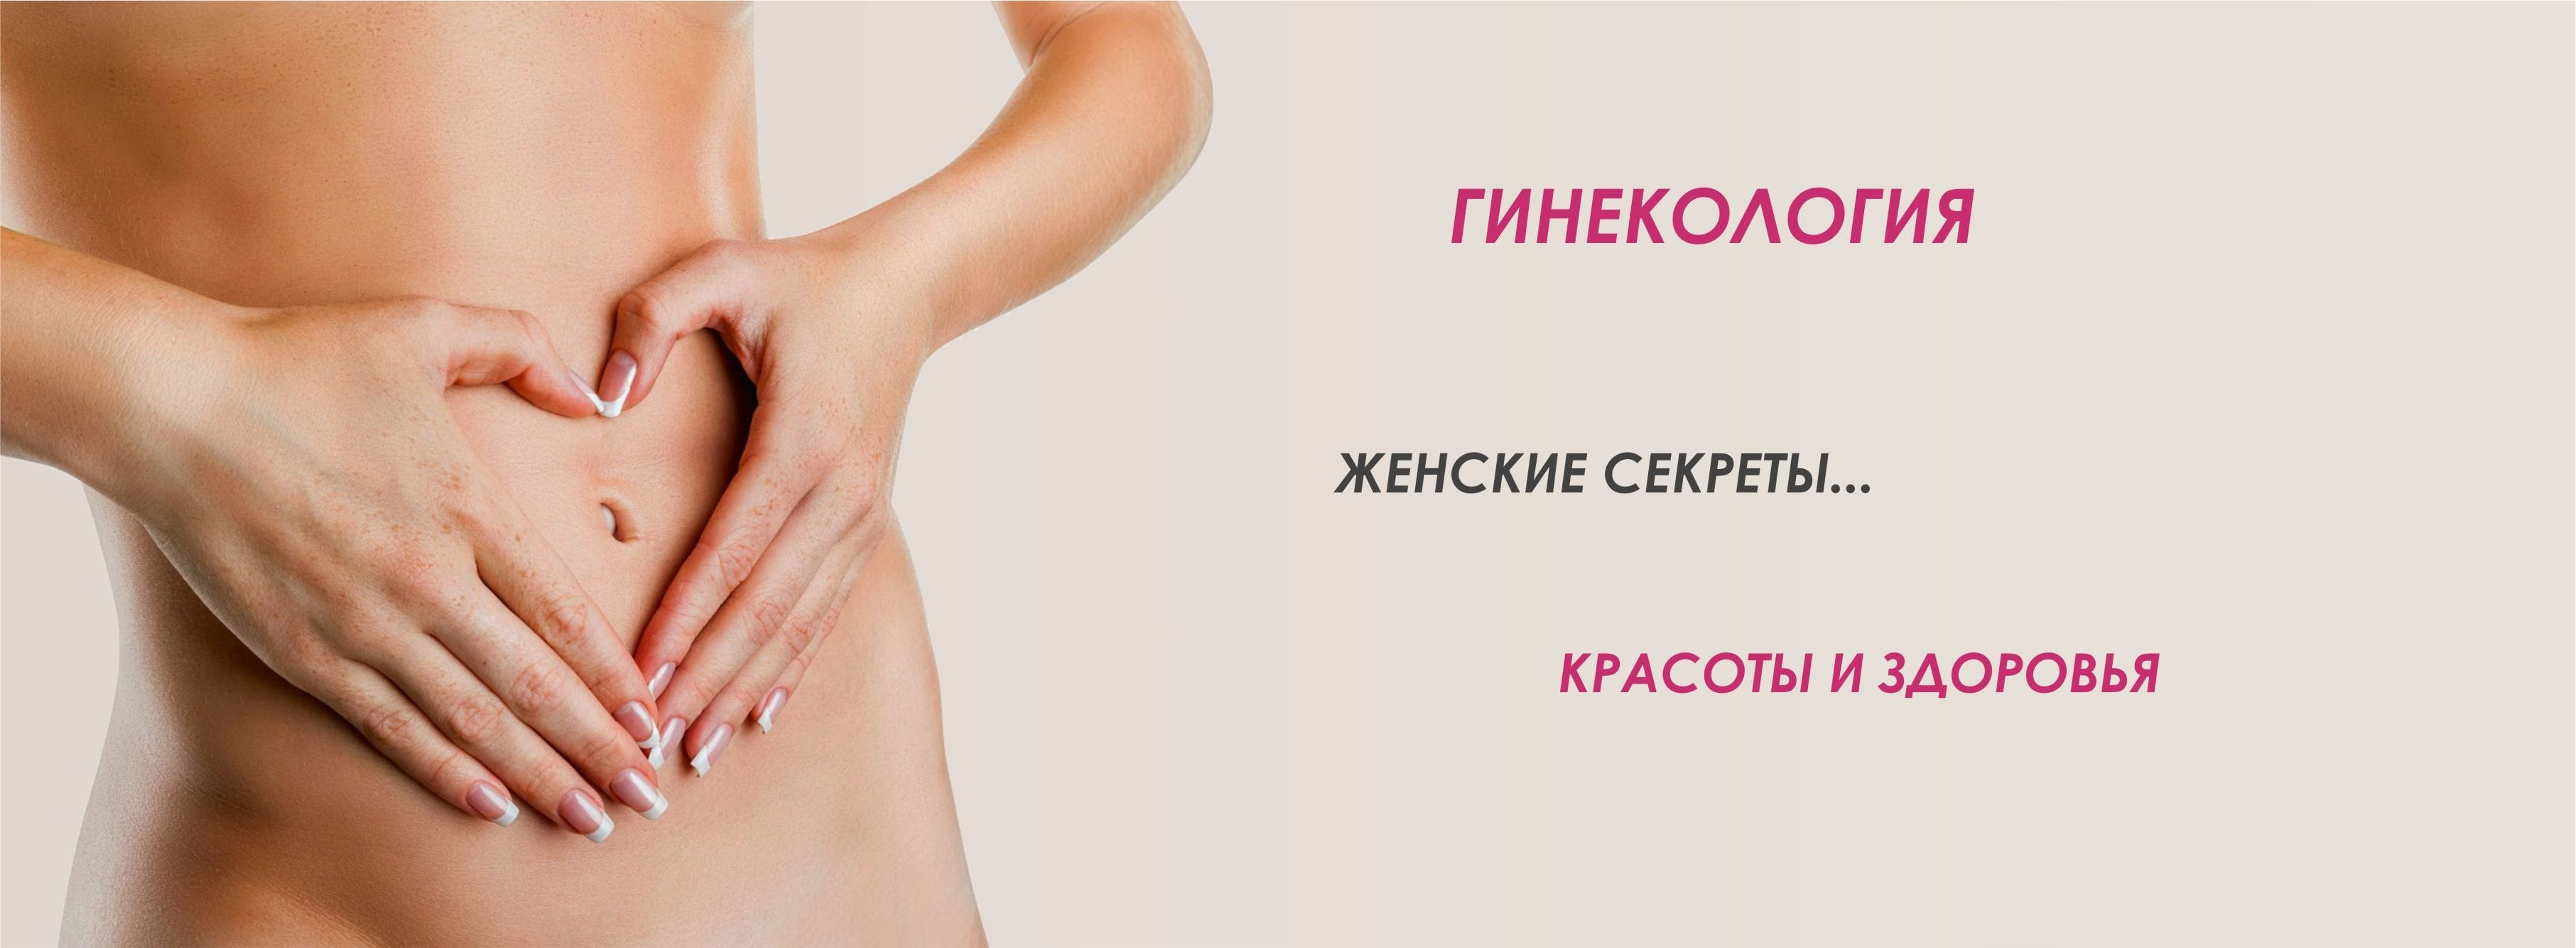 Гинеколог в Севастополе